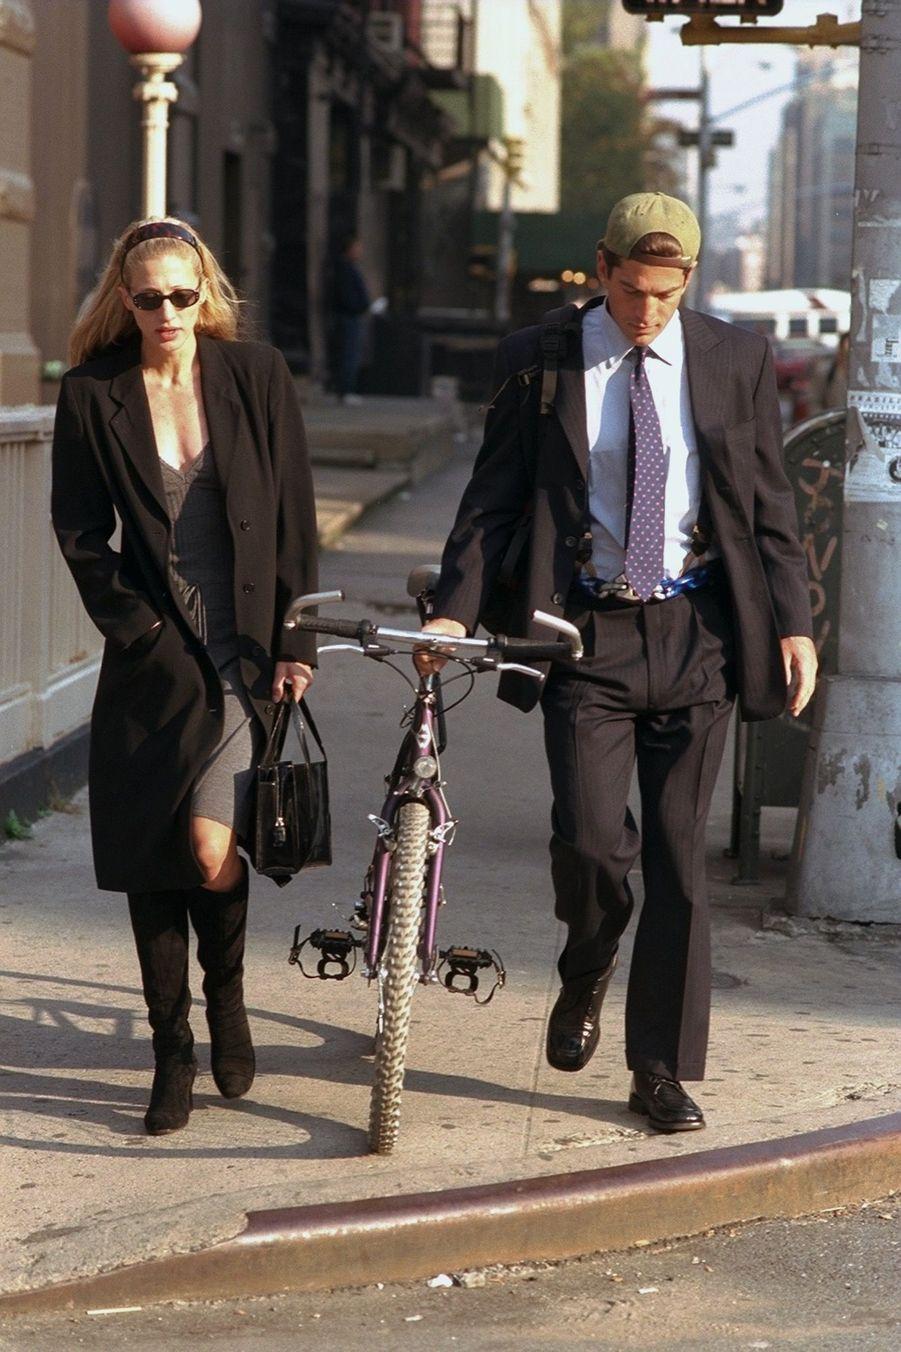 Les jeunes mariés John F Kennedy Jr. et Carolyn Bessette Kennedy à New York, le 23 octobre 1996.